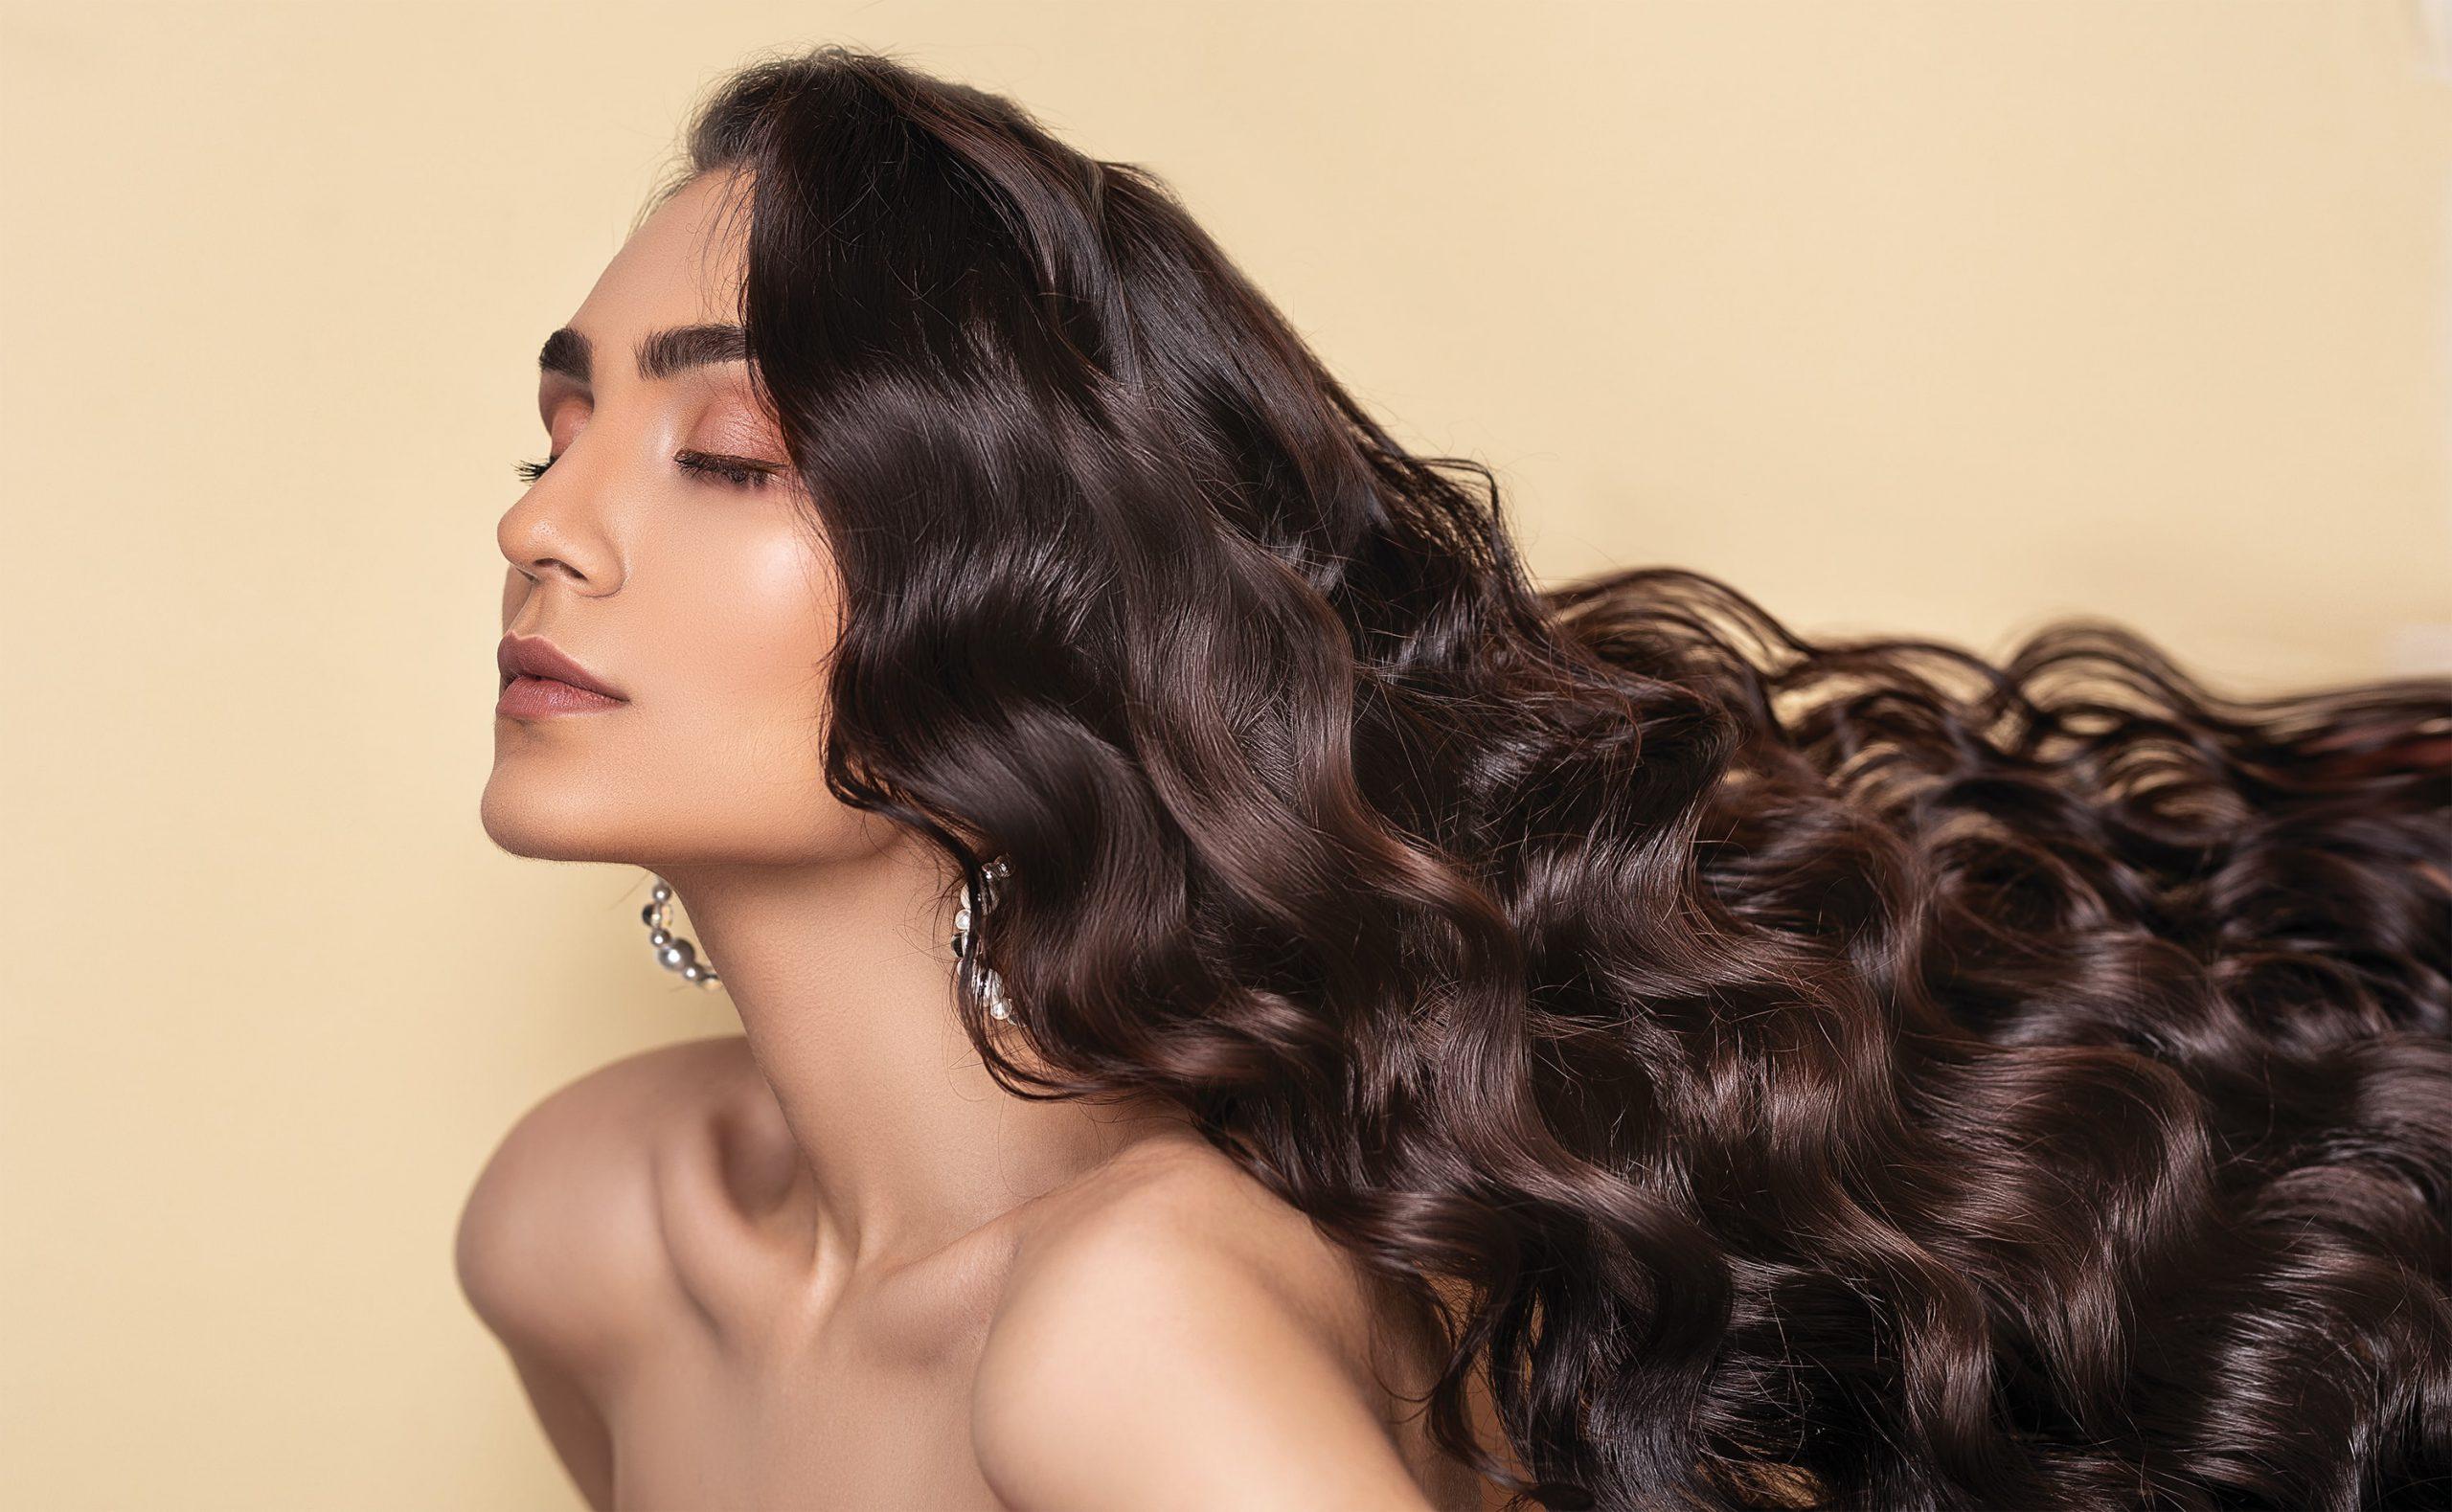 Стимулираме светкавичен растеж на косата с тези доказани методи